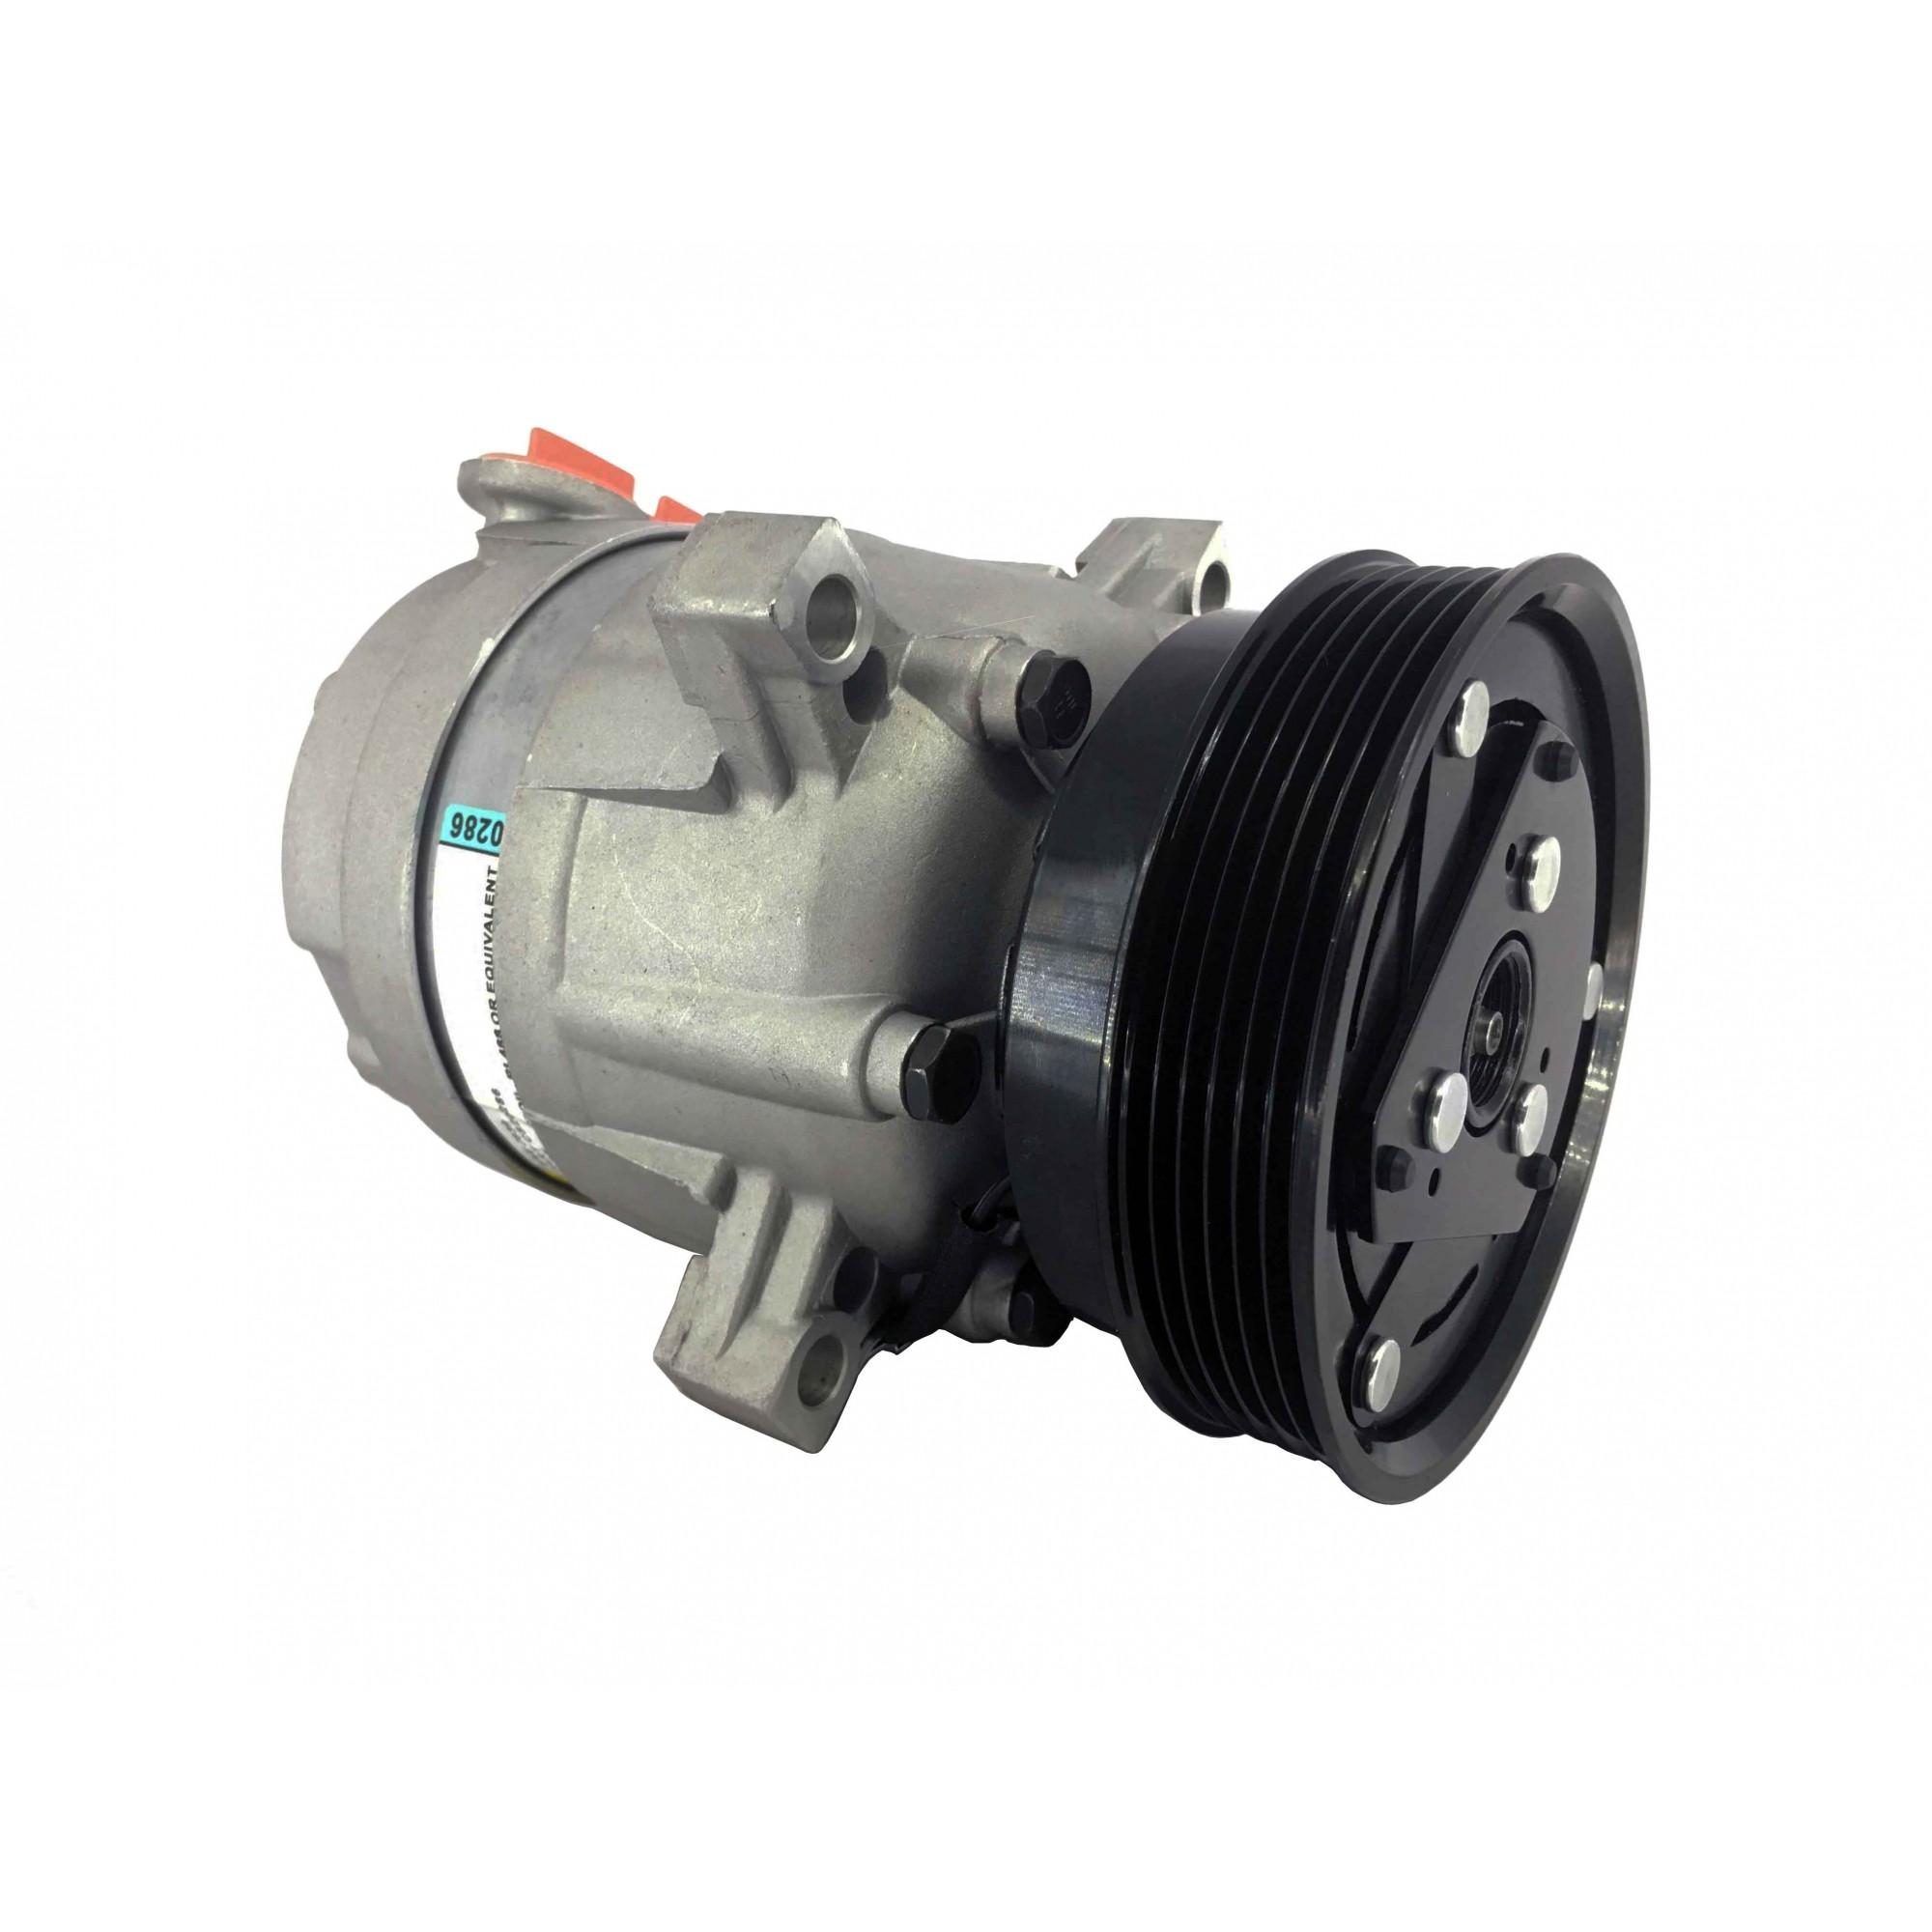 Compressor Corsa Antigo - Original DELPHI